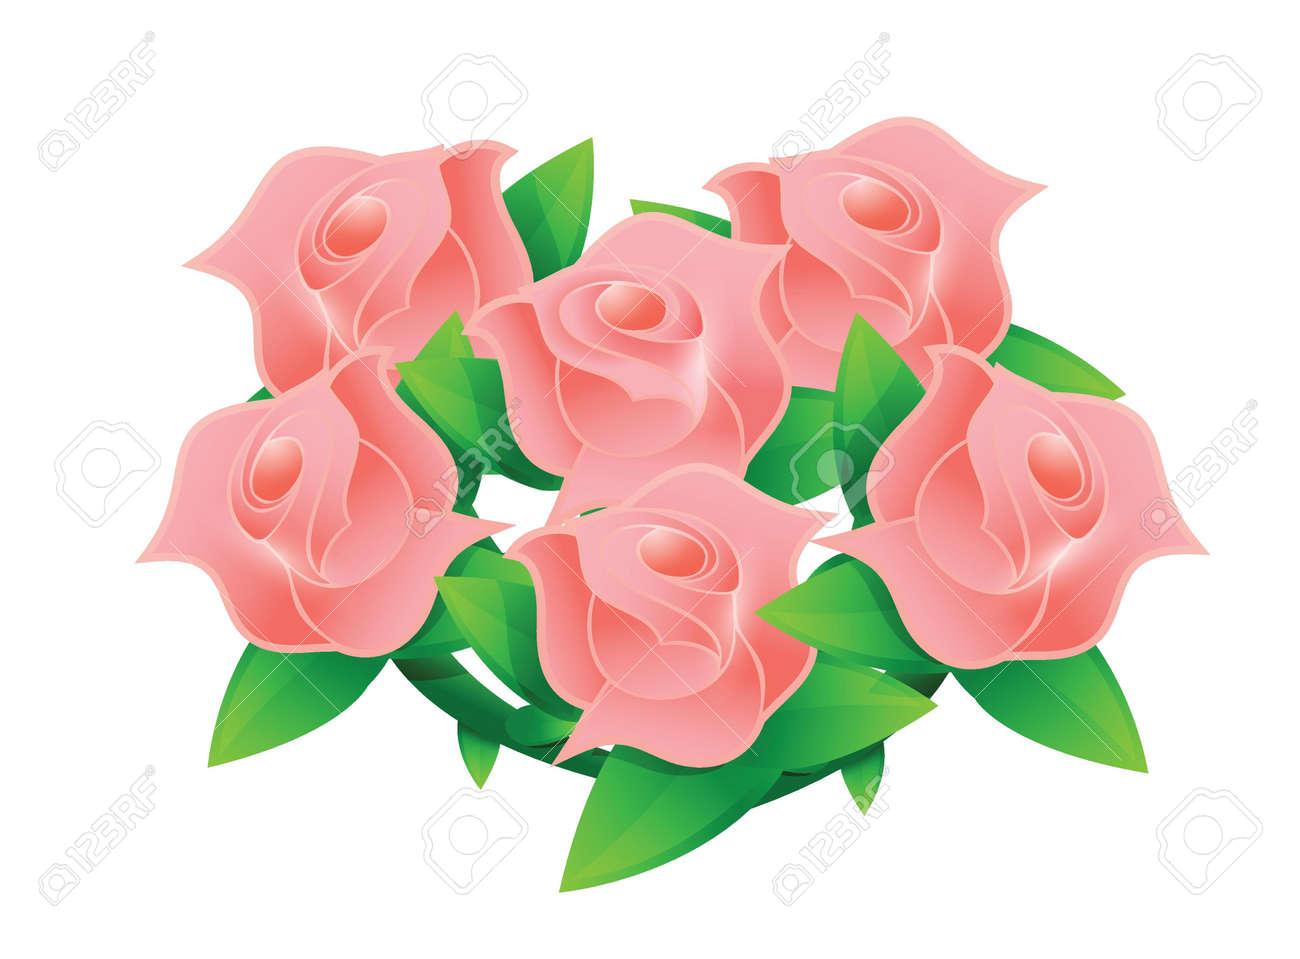 結婚式の花束イラスト デザインの白ピンクの花のイラスト素材ベクタ